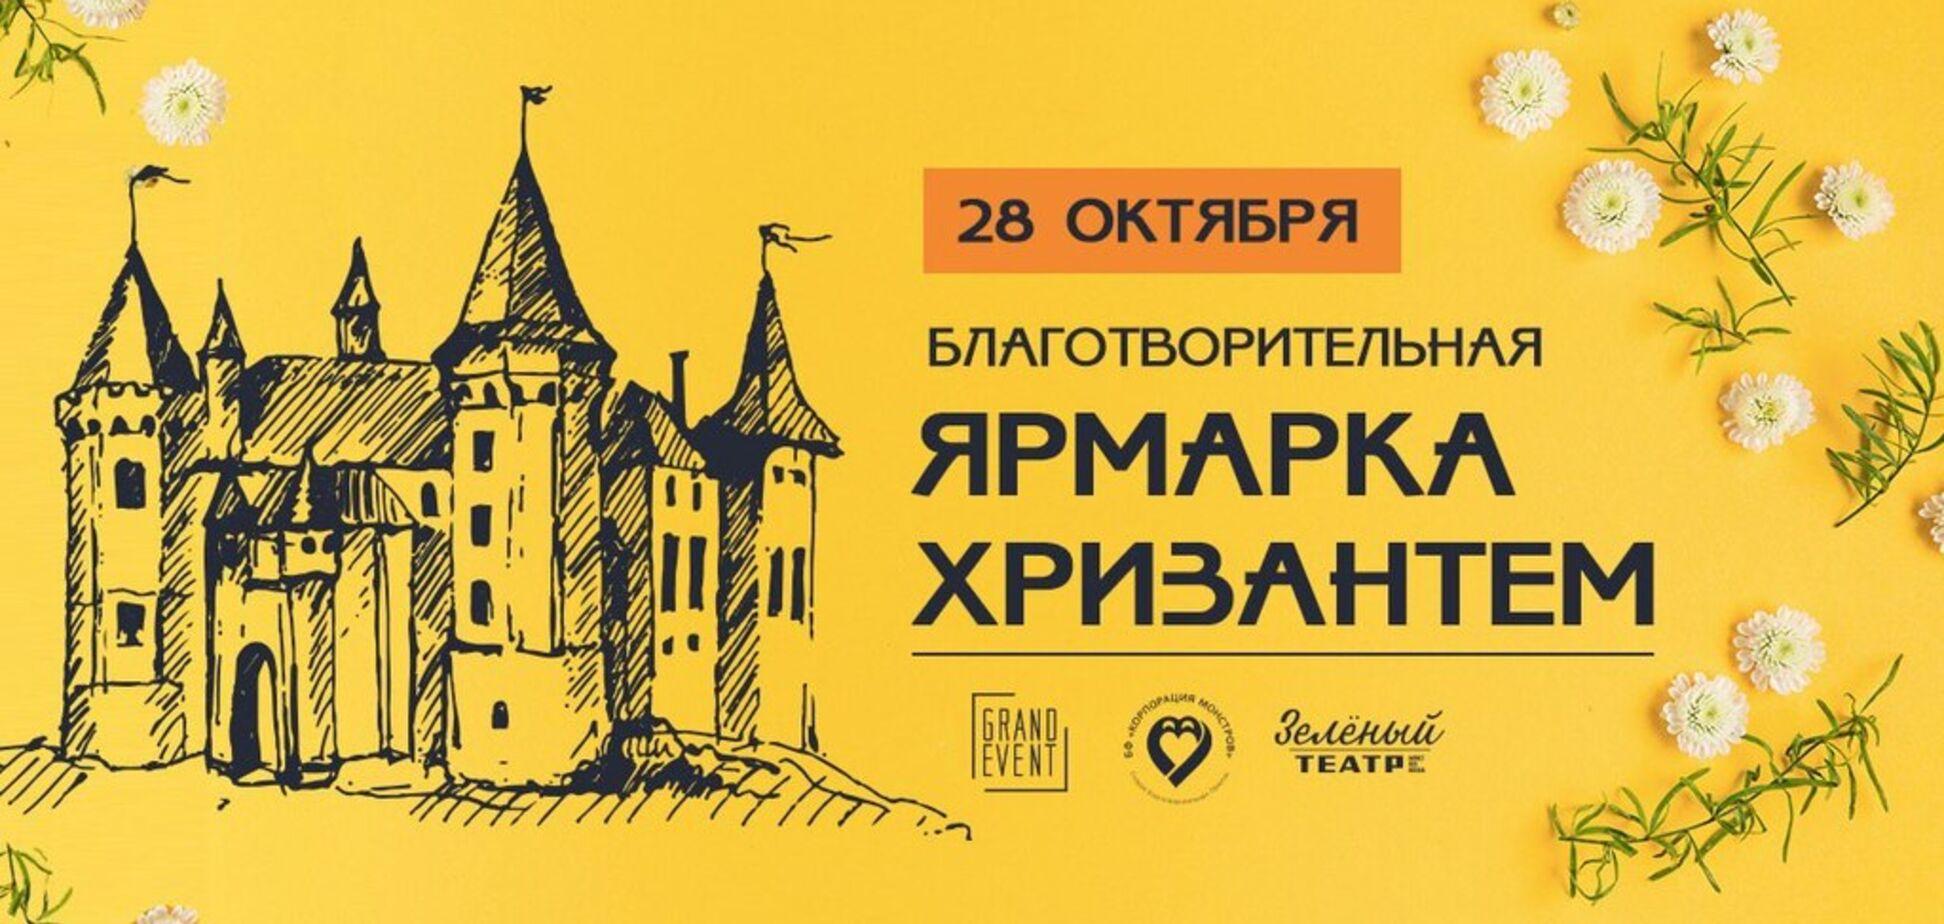 По случаю закрытия Фестиваля хризантем в Одессе пройдет благотворительная ярмарка